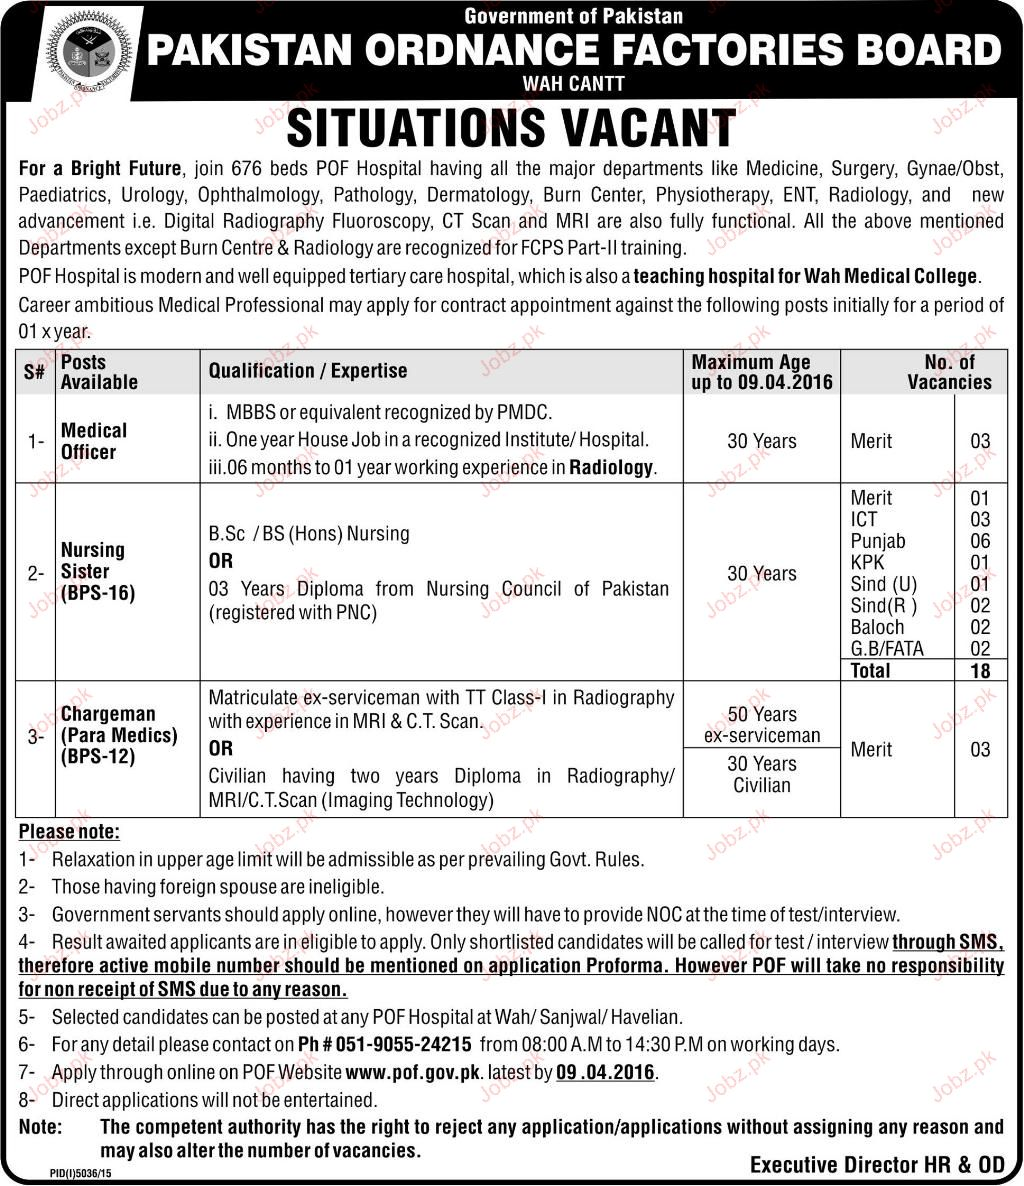 Medical Officer Nursing sisters Job in POF 2017 Jobs Pakistan Jobzpk – Medical Officer Job Description